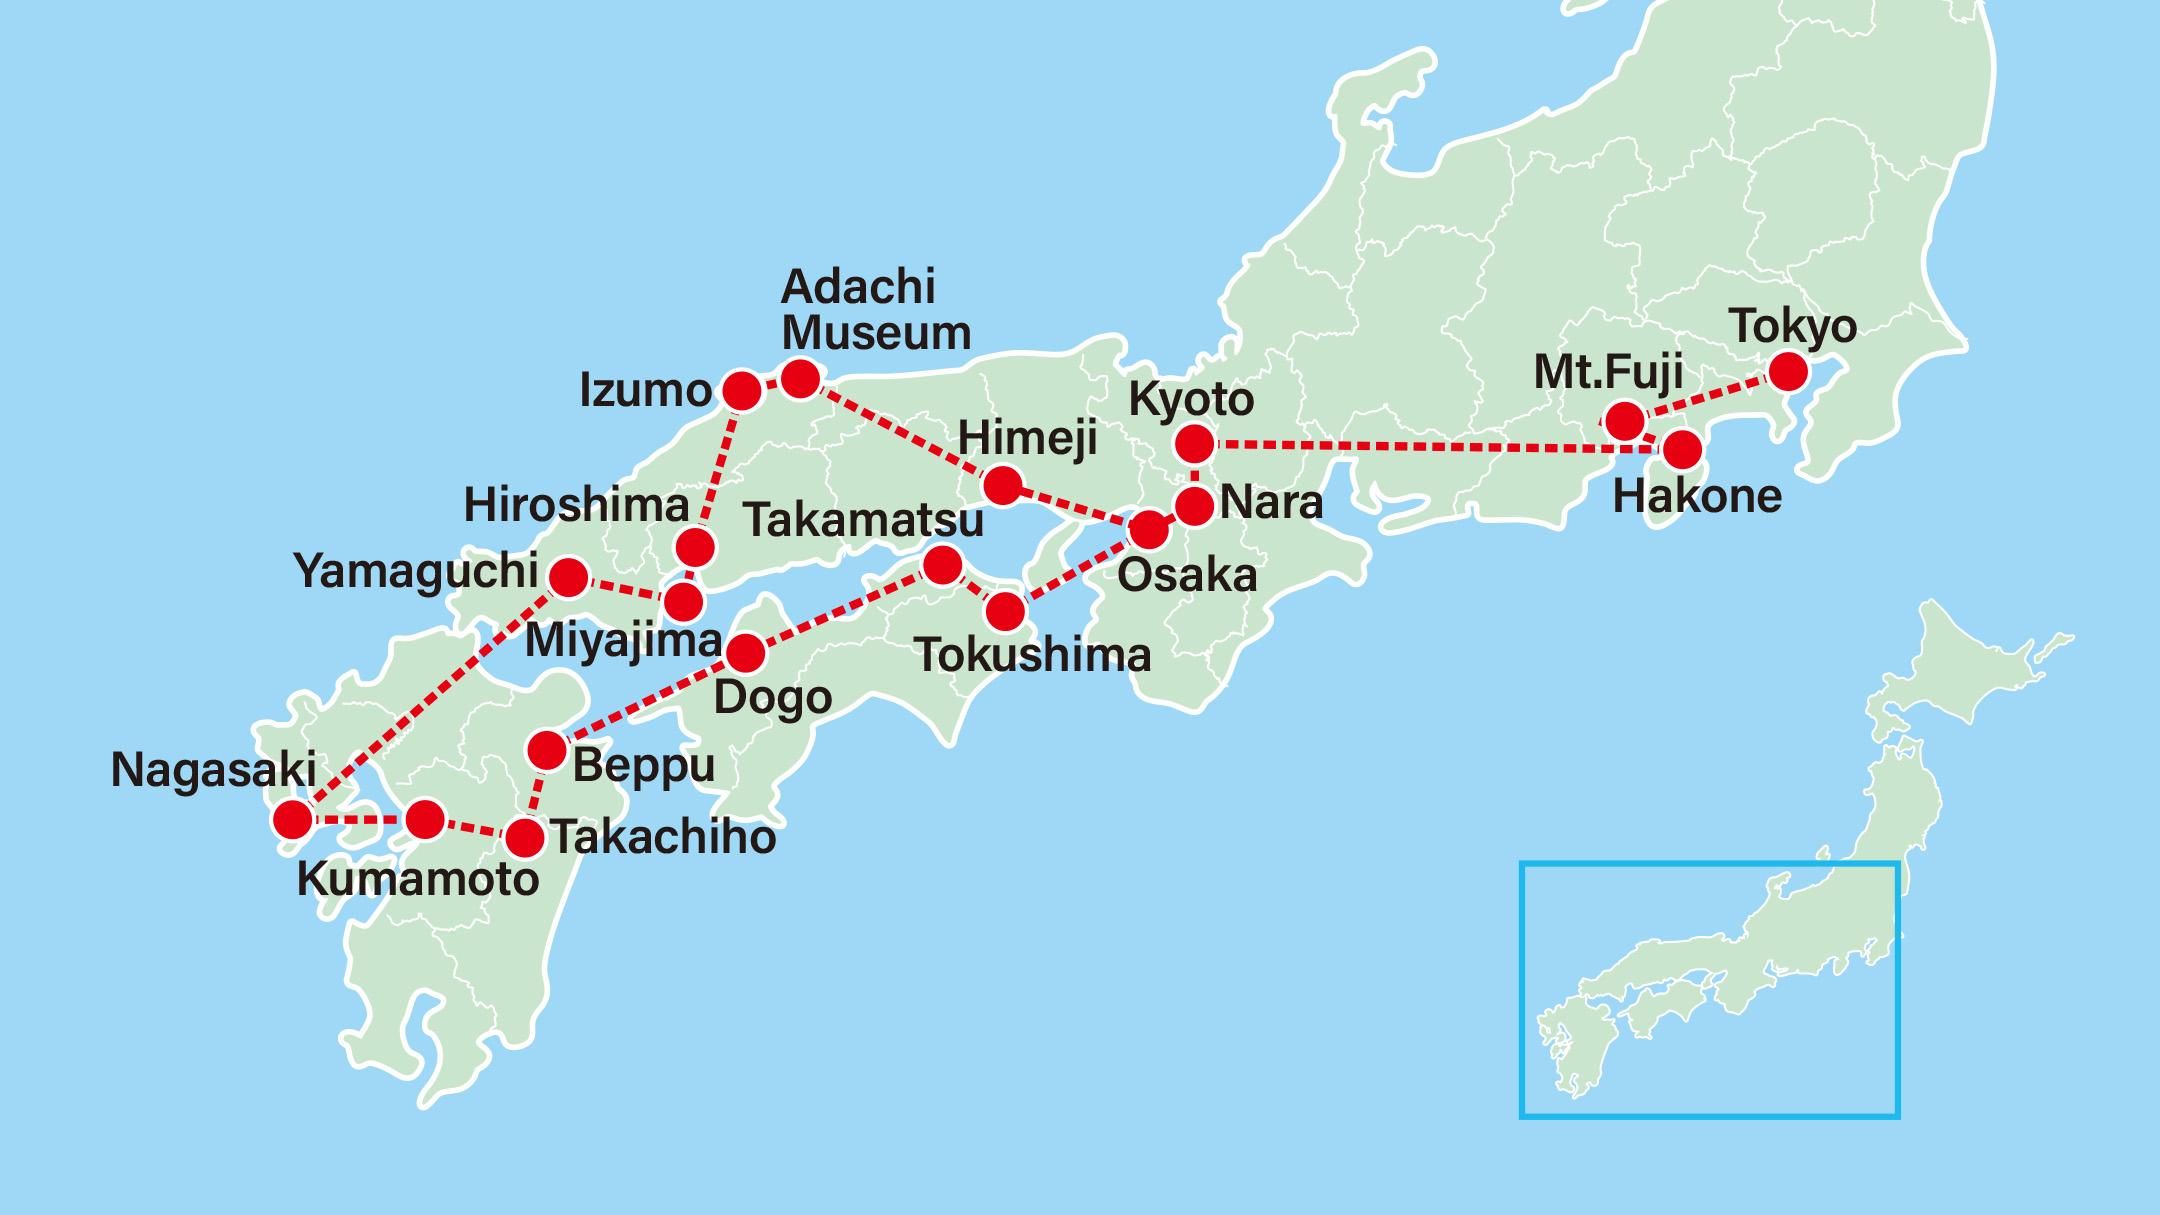 Grand Tour of Japan Ⅱ<br>Nagasaki-Osaka-Himeji-Izumo-Hiroshima-Miyajima-Nagasaki-Kumamoto-Takachiho-Beppu-Dogo-Ritsurin Garden-Tokushima-Osaka-Nara-Kyoto-Hakone-Mt Fuji-Tokyo-Yokohama